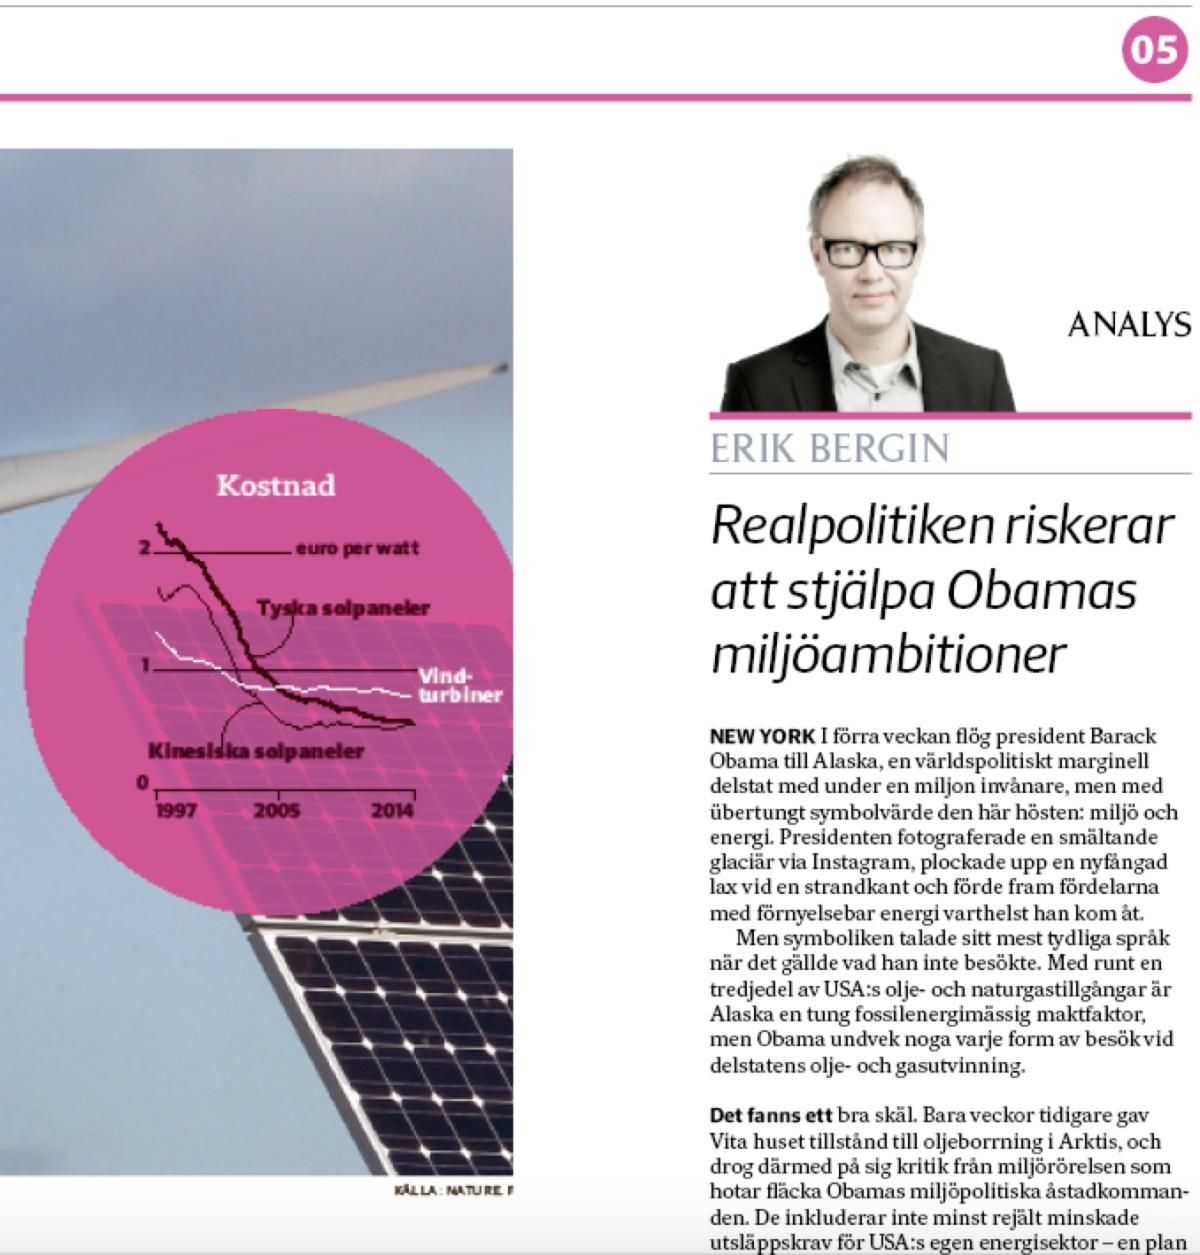 Analysen om Obamas miljöpolitik på sid 5 SvD Näringsliv måndagen den 7 september.